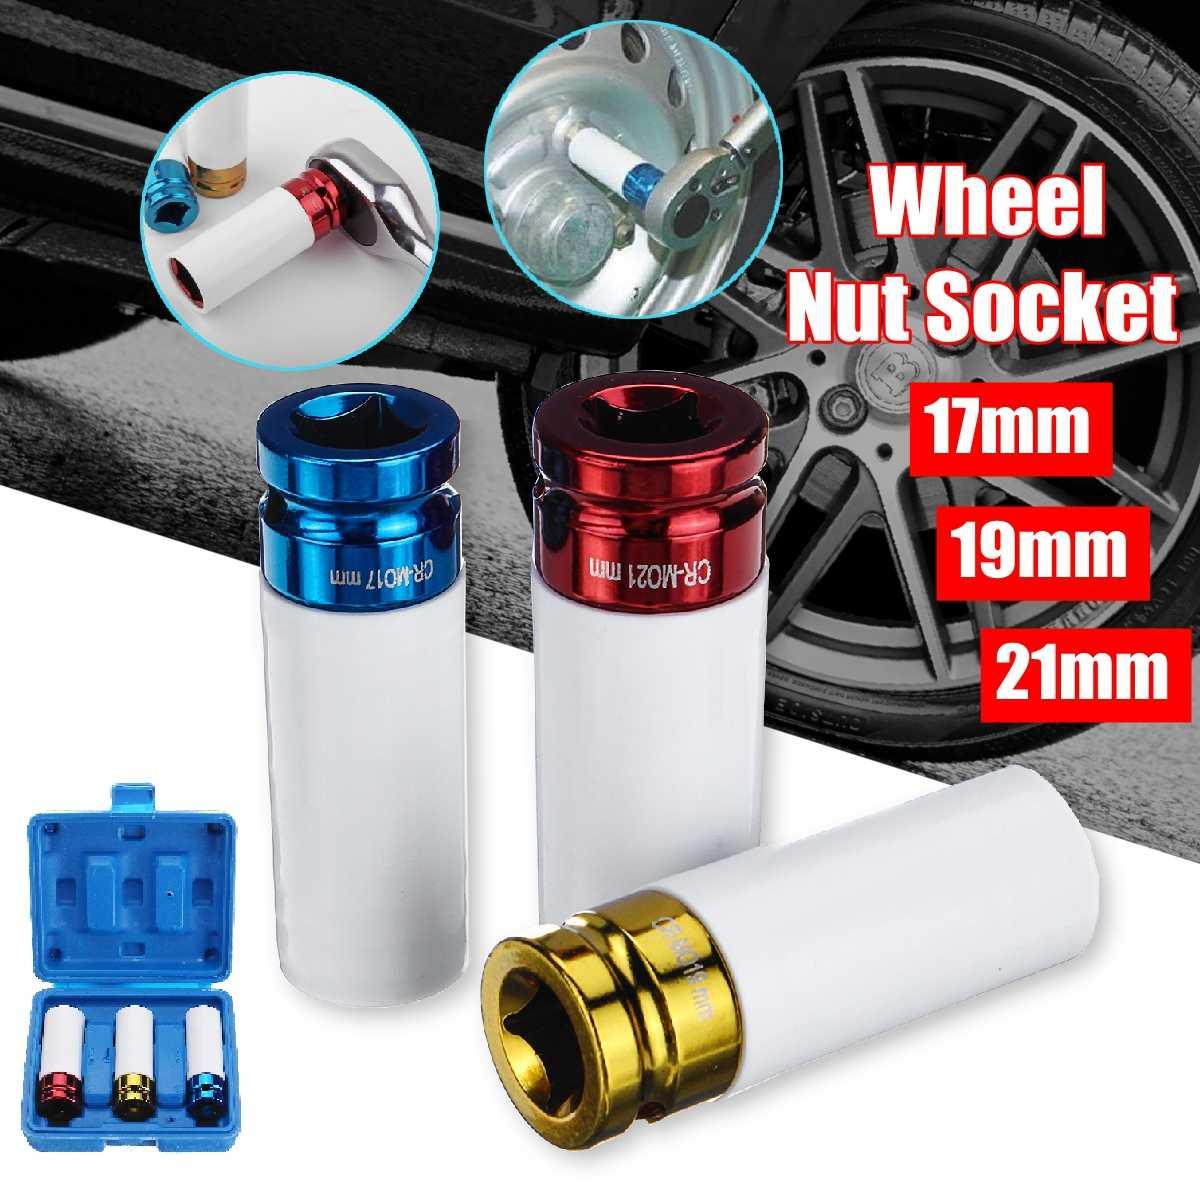 """21mm 1//2/"""" Drive Double Deep Alloy Wheel Nut Socket 6 Sided Single Hex"""